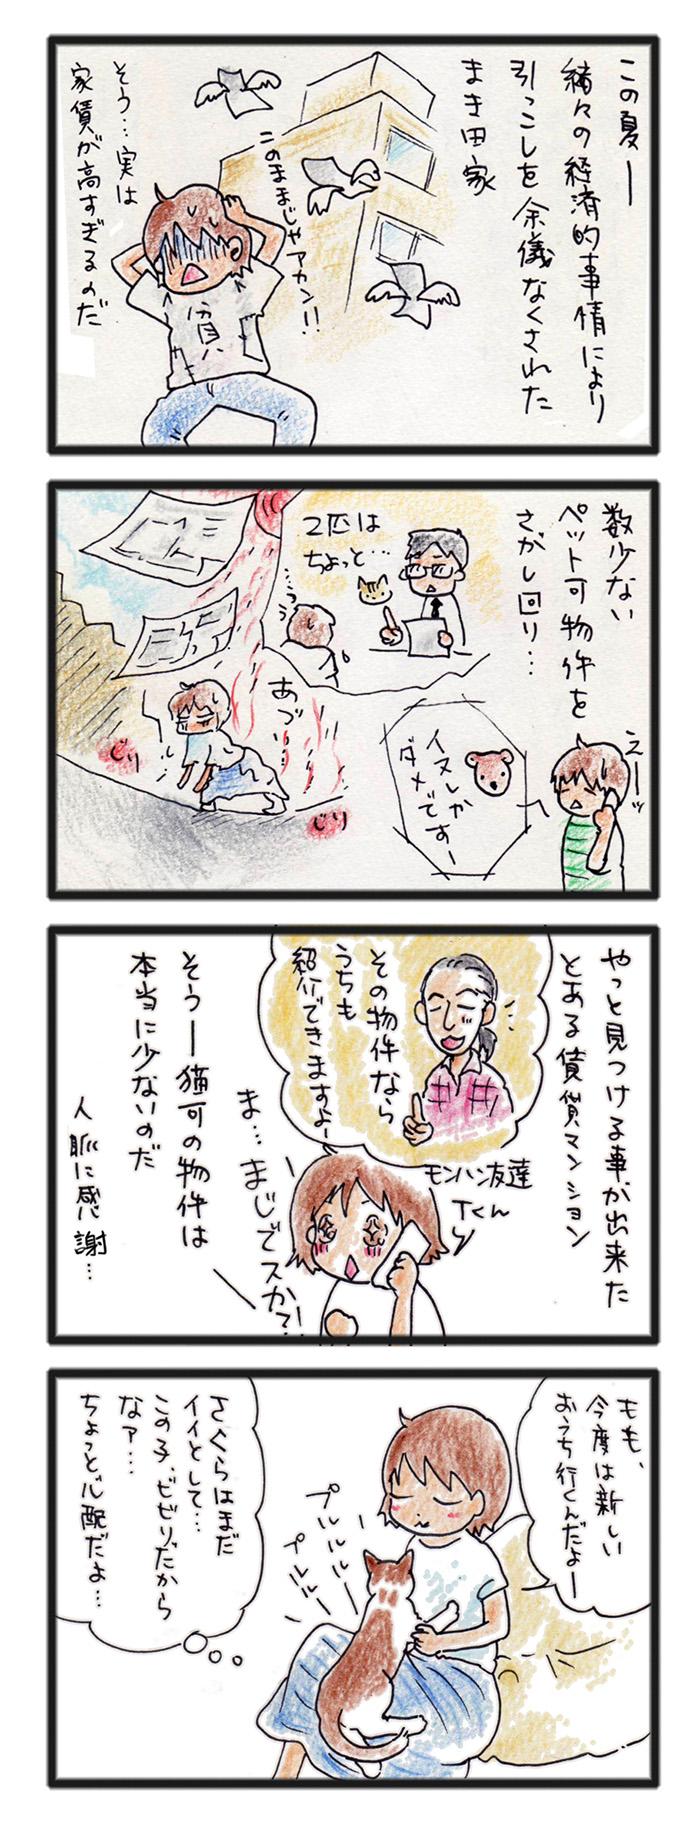 comic_4c_14093001_2014092915324828d.jpg